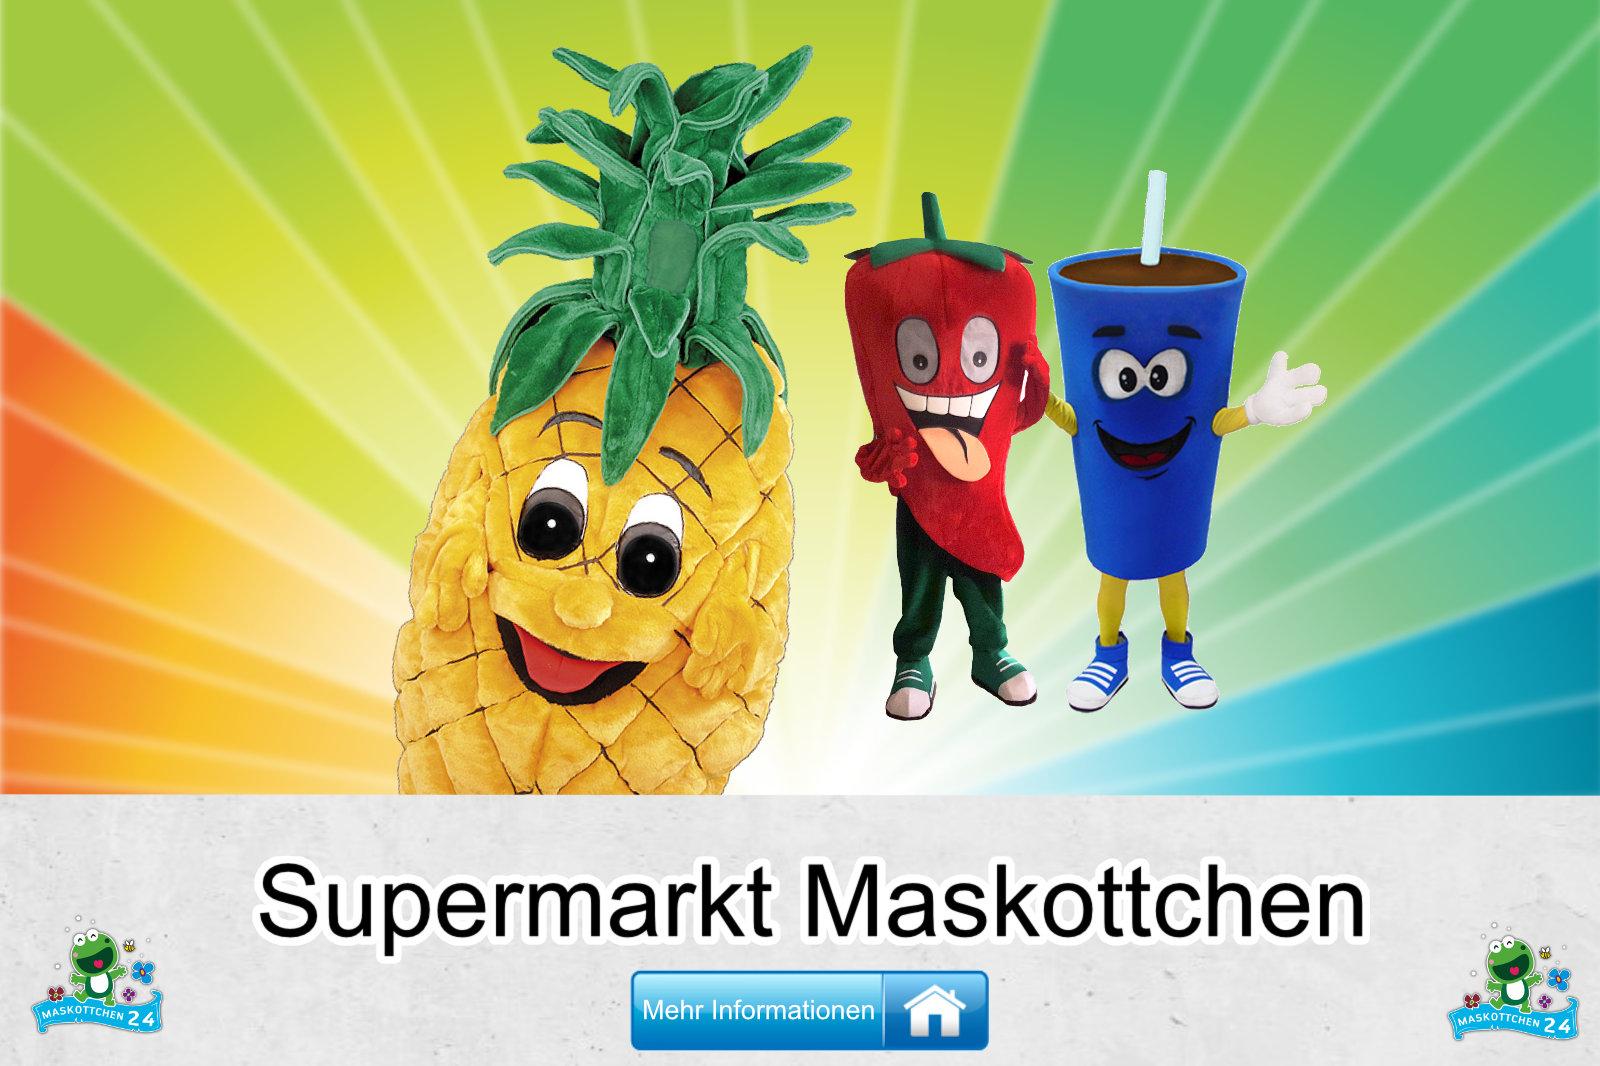 Kostüm Maskottchen Günstig Kaufen Produktion Supermarkt